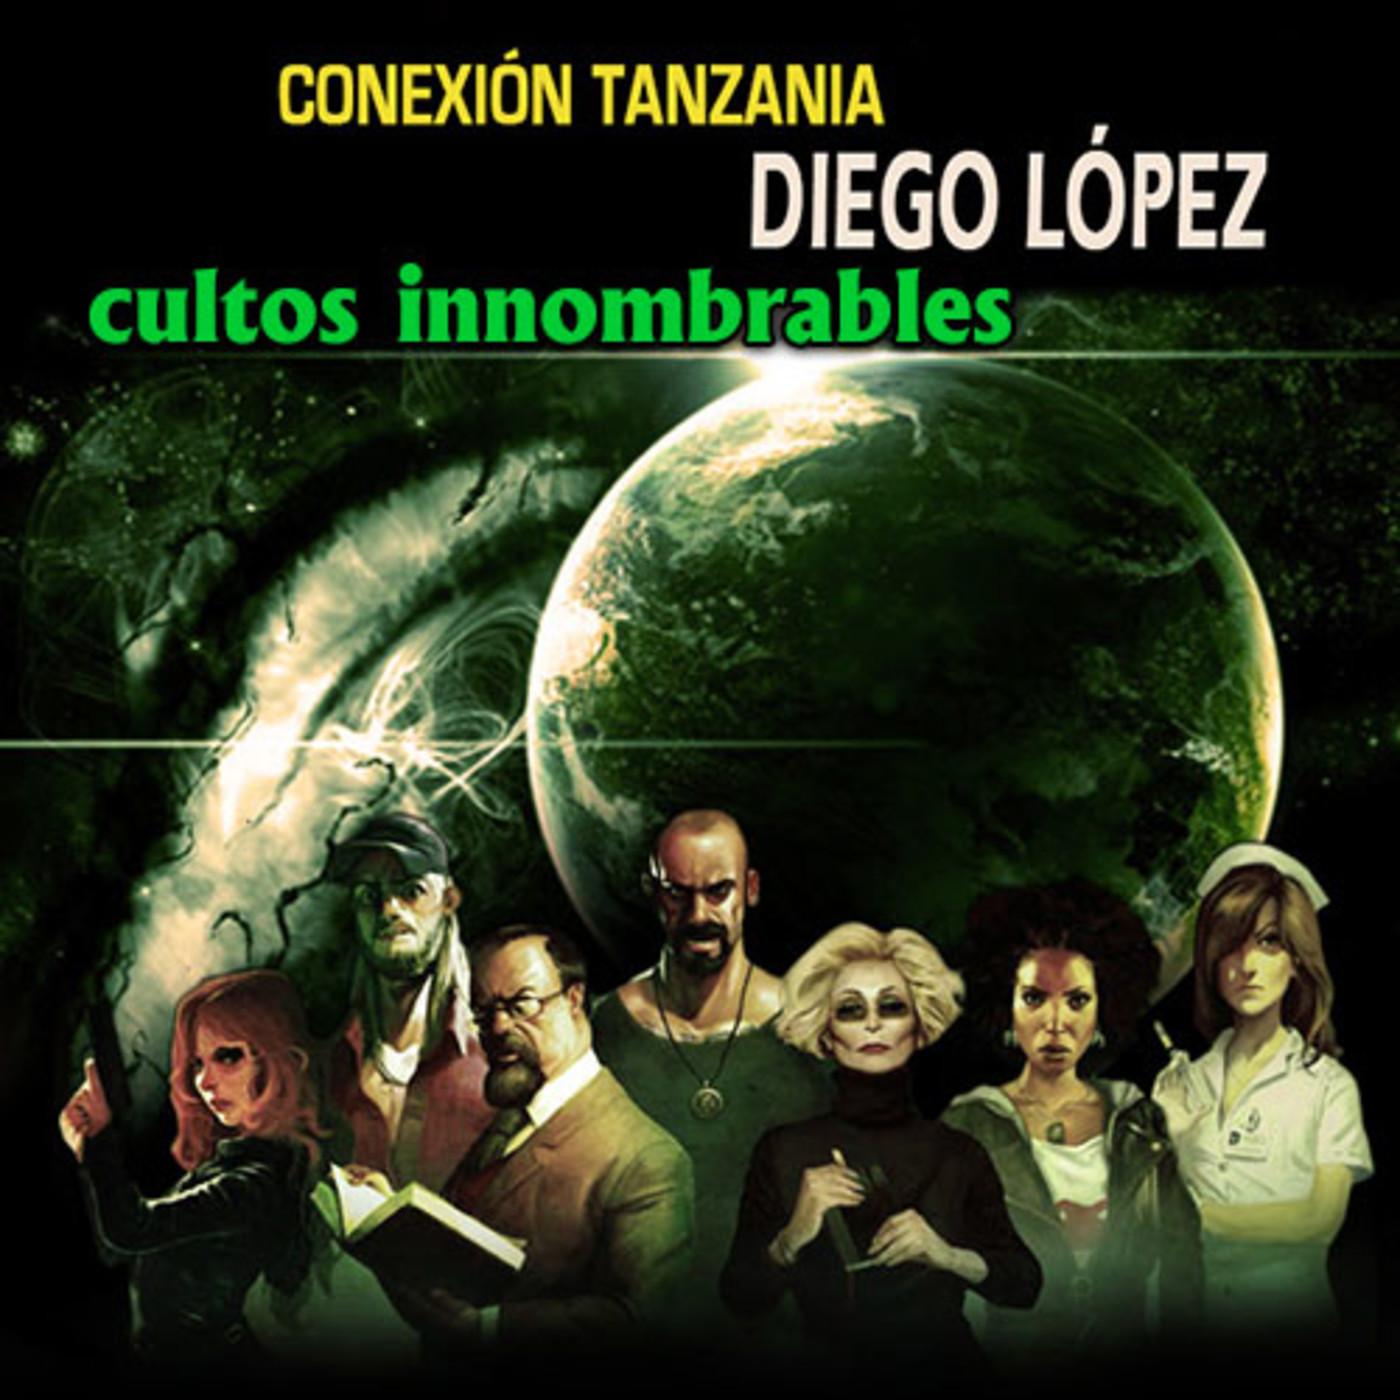 CONEXIÓN TANZANIA - Cultos Innombrables (10/13)